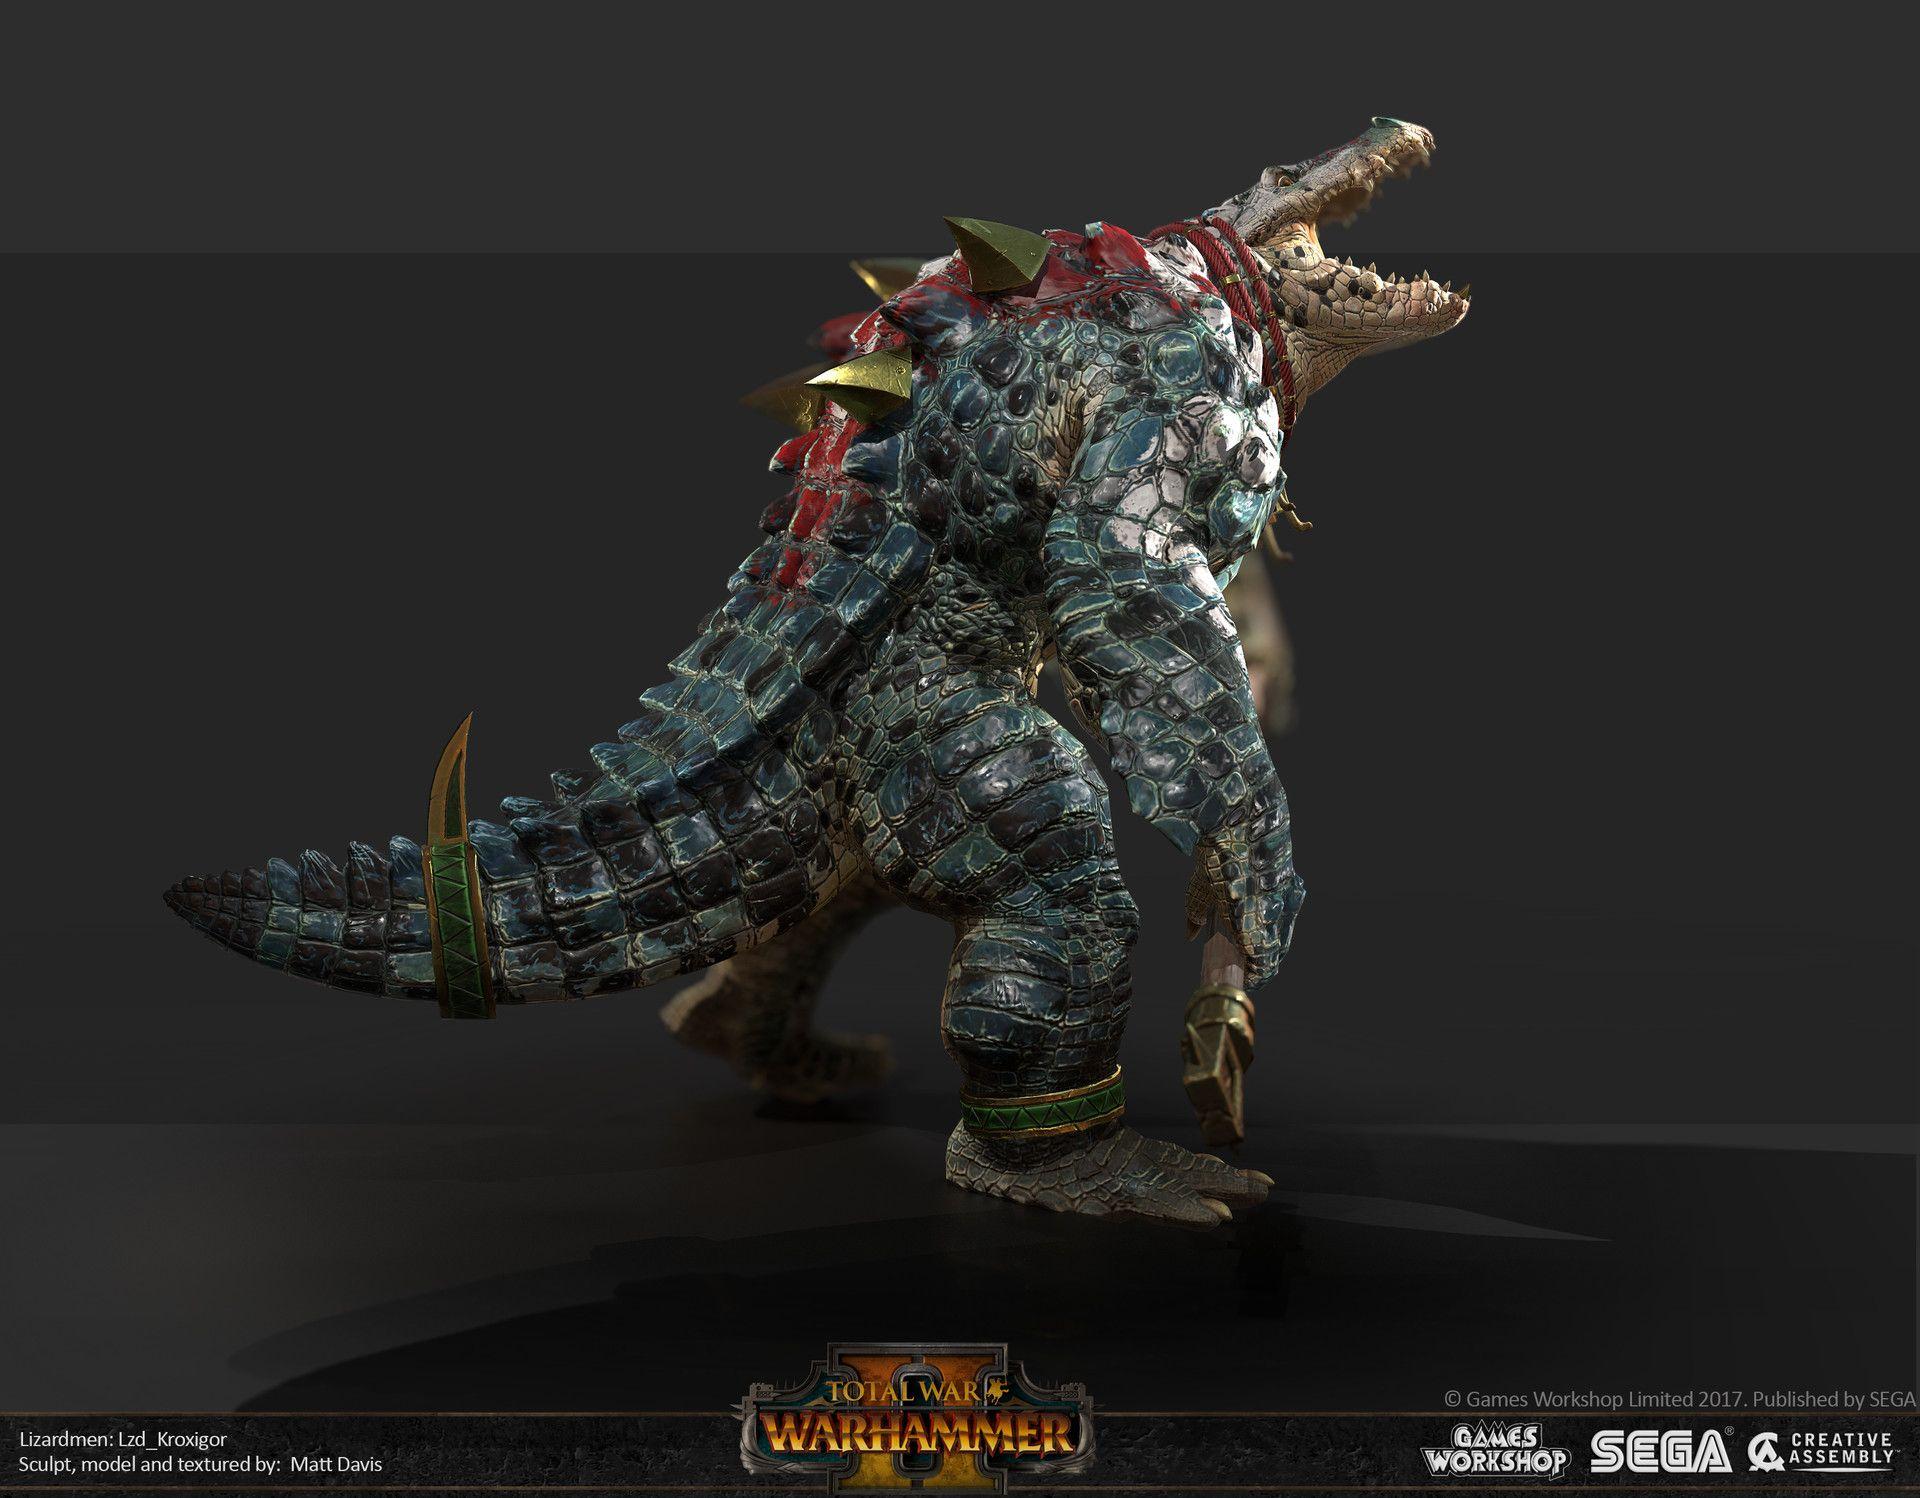 ArtStation  Total War Warhammer 2 Kroxigors Matthew Davis  charactermonster3D